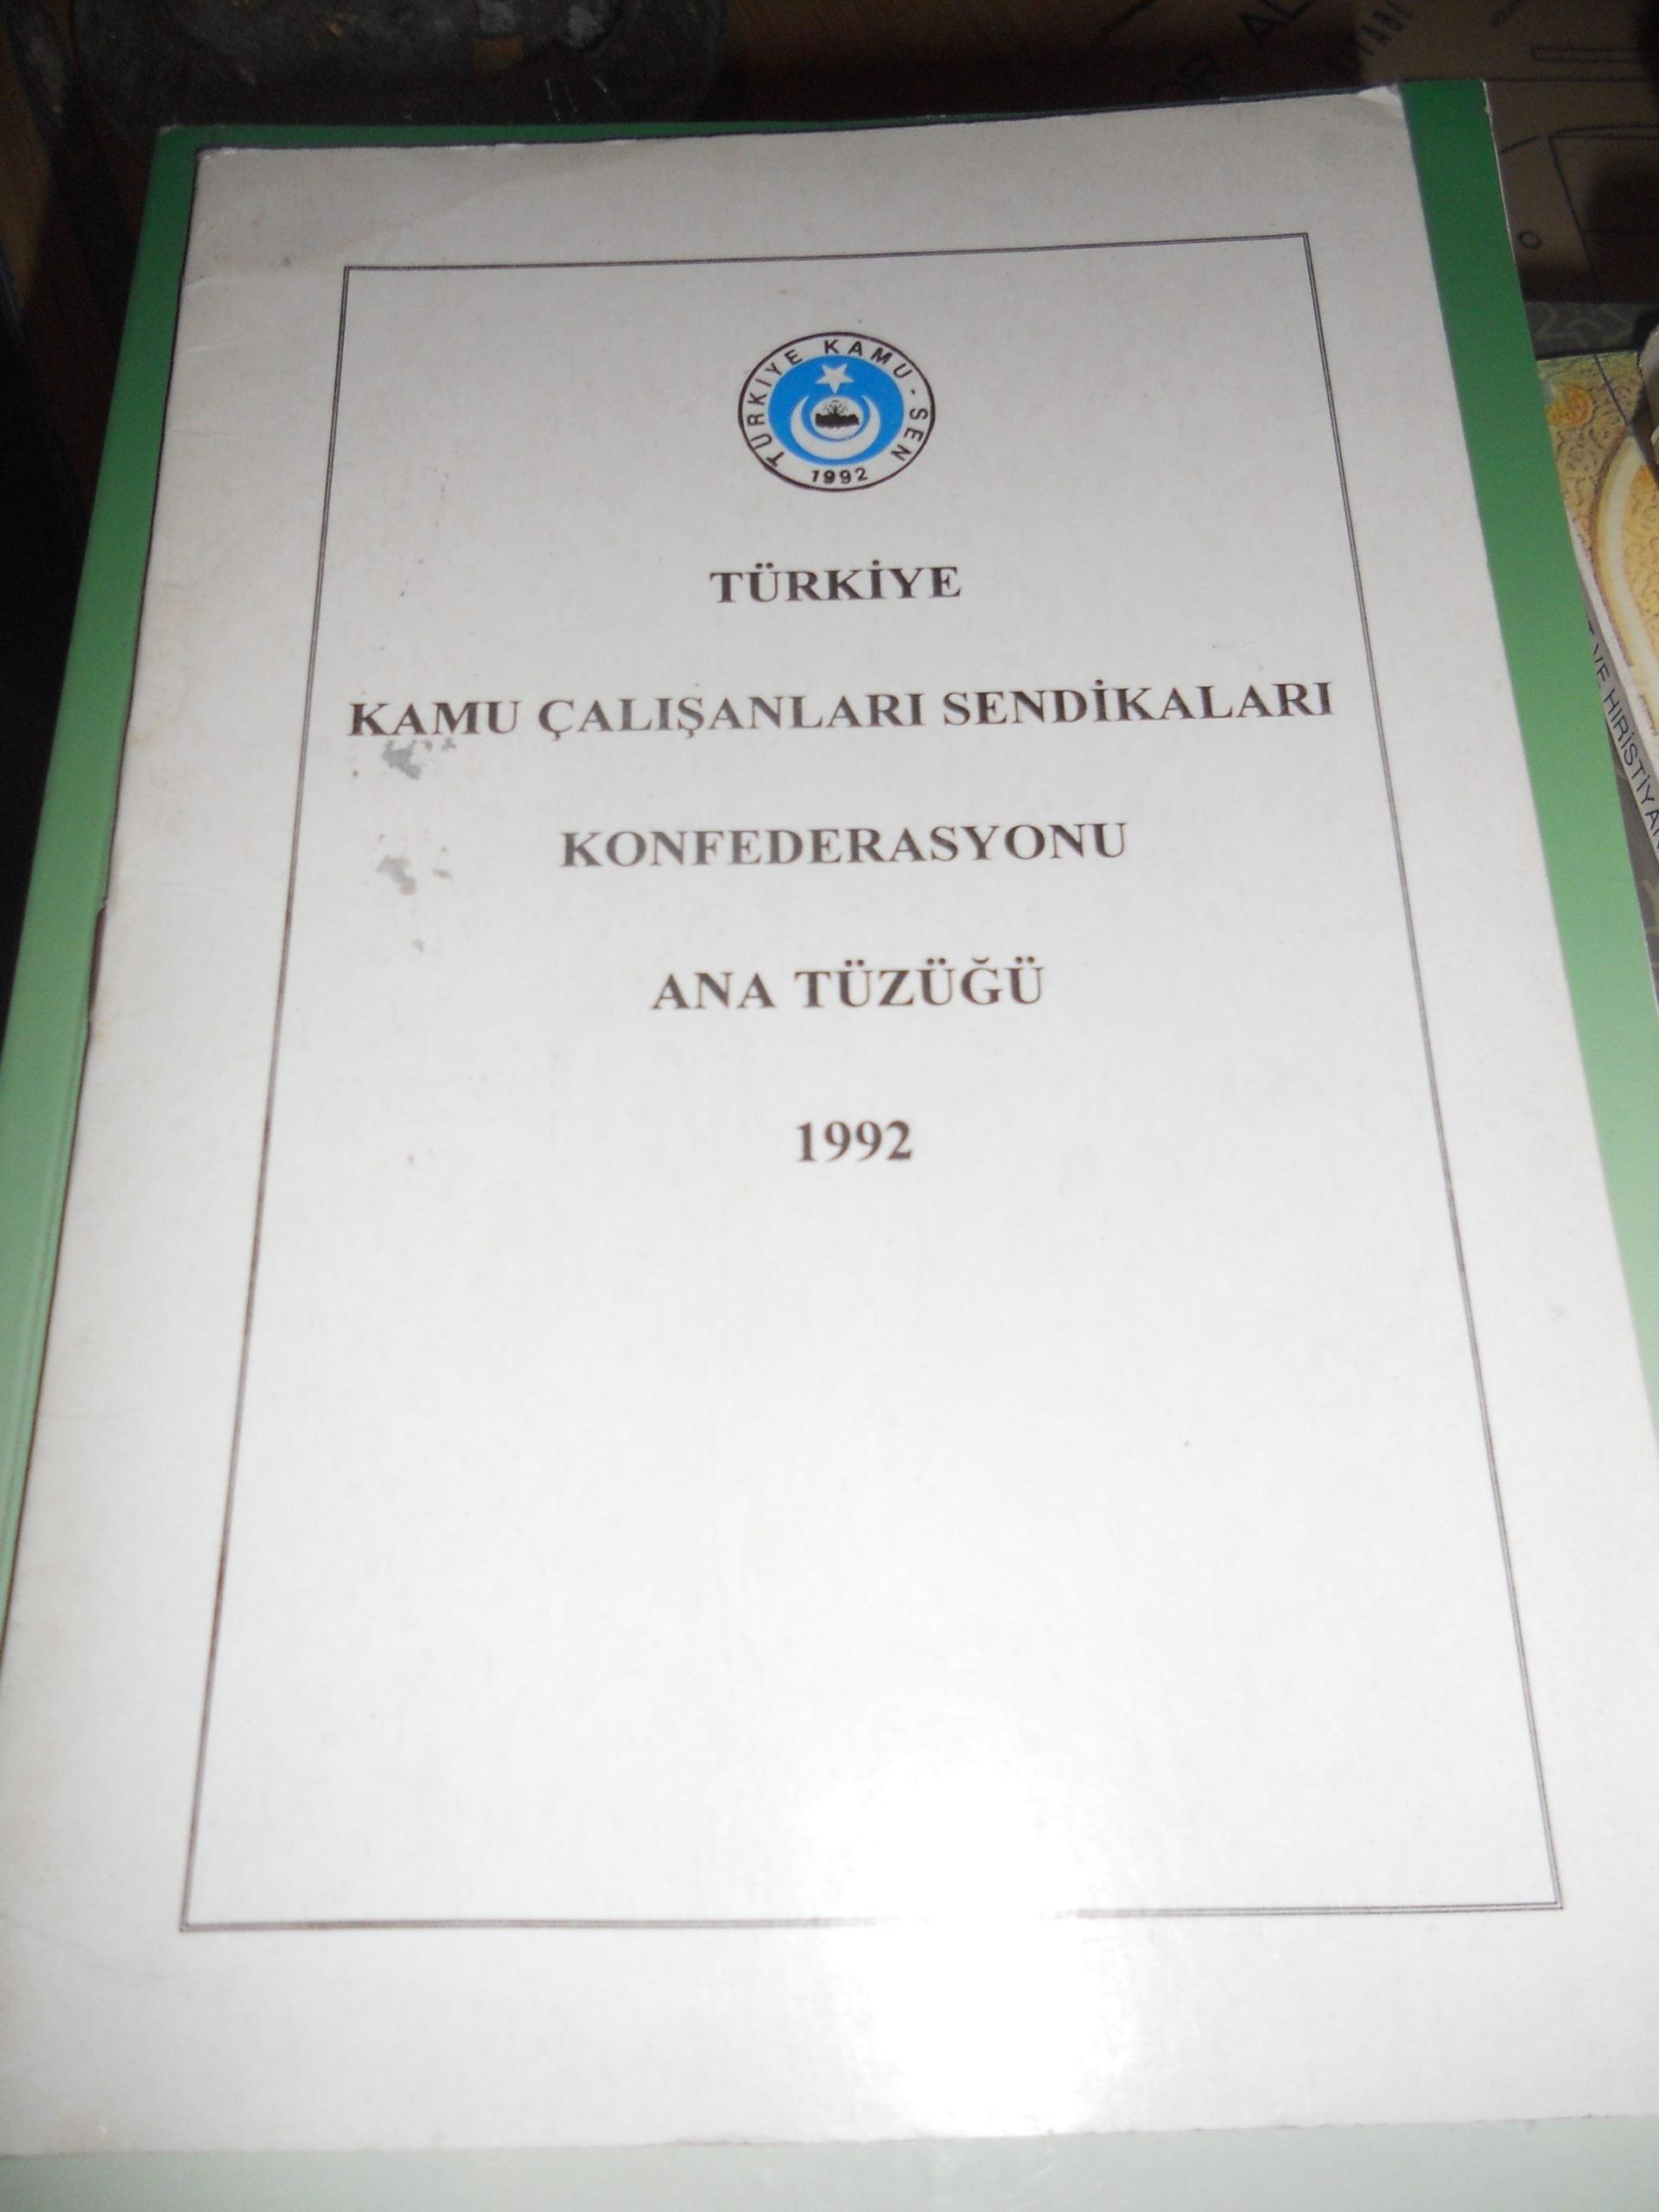 TÜRKİYE KAMU ÇALIŞANLARI SENDİKALARI KONFEDERASYONU ANA TÜZÜĞÜ 1992(Bülten)/ 10 TL